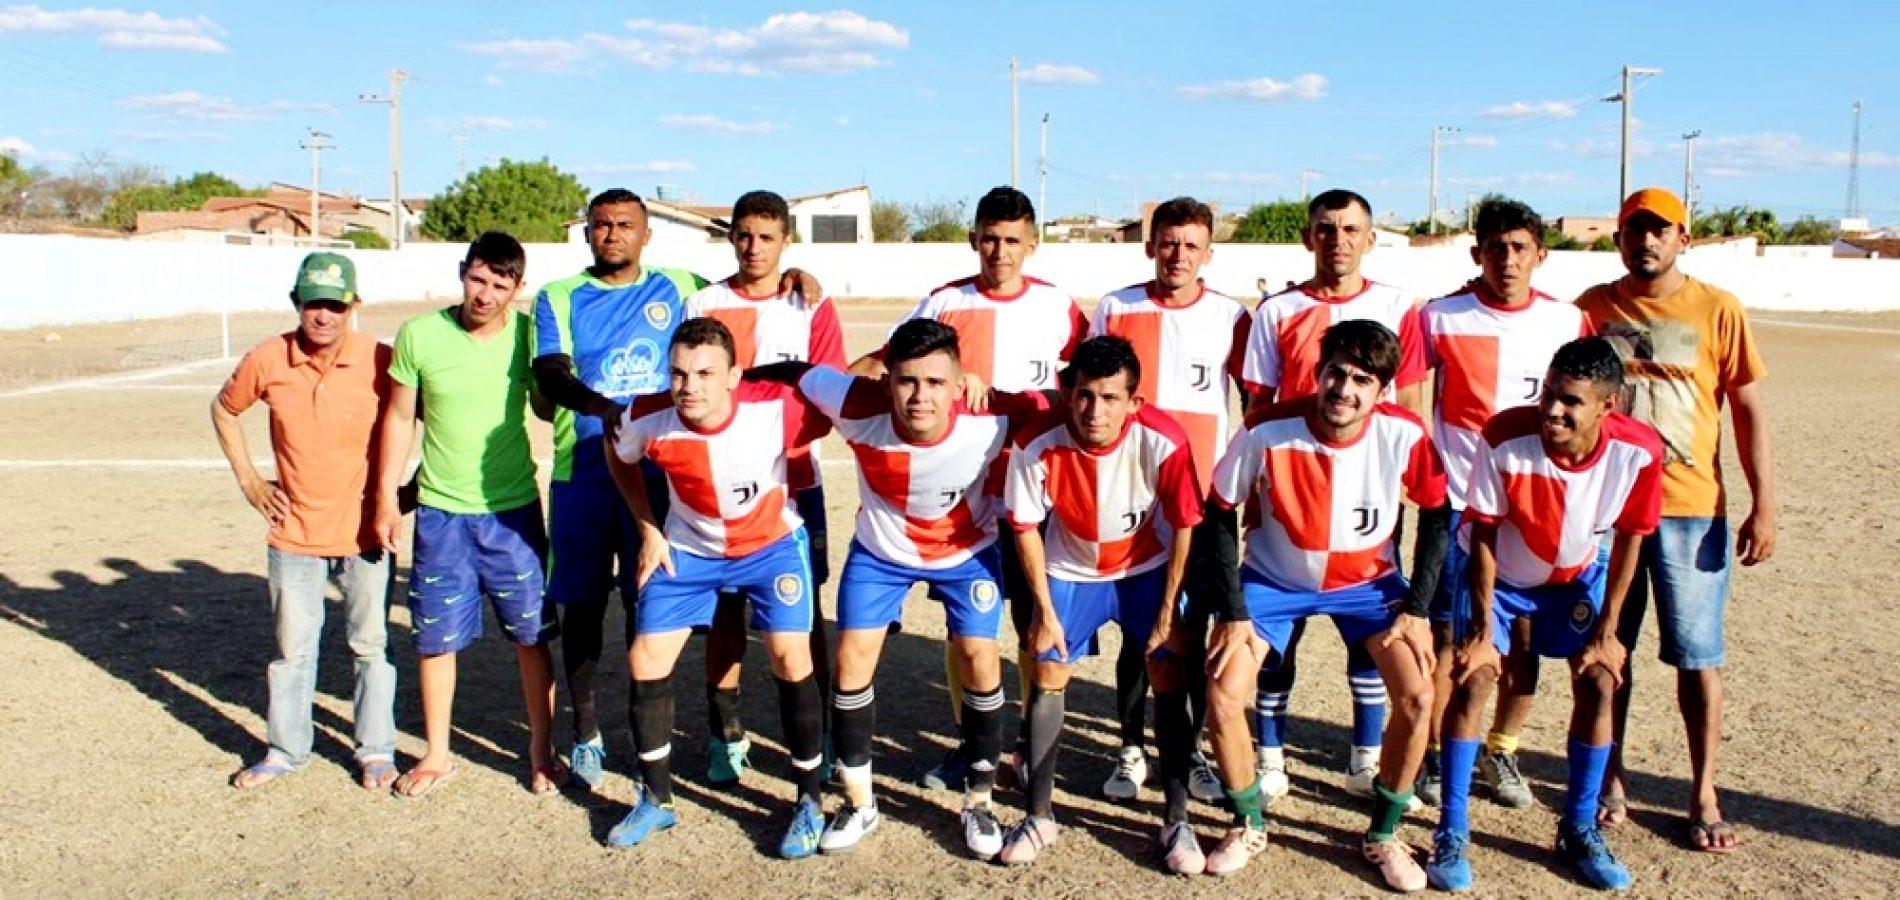 Fujona vence por 3 a 0 e garante vaga na final do Campeonato de Futebol de São Julião